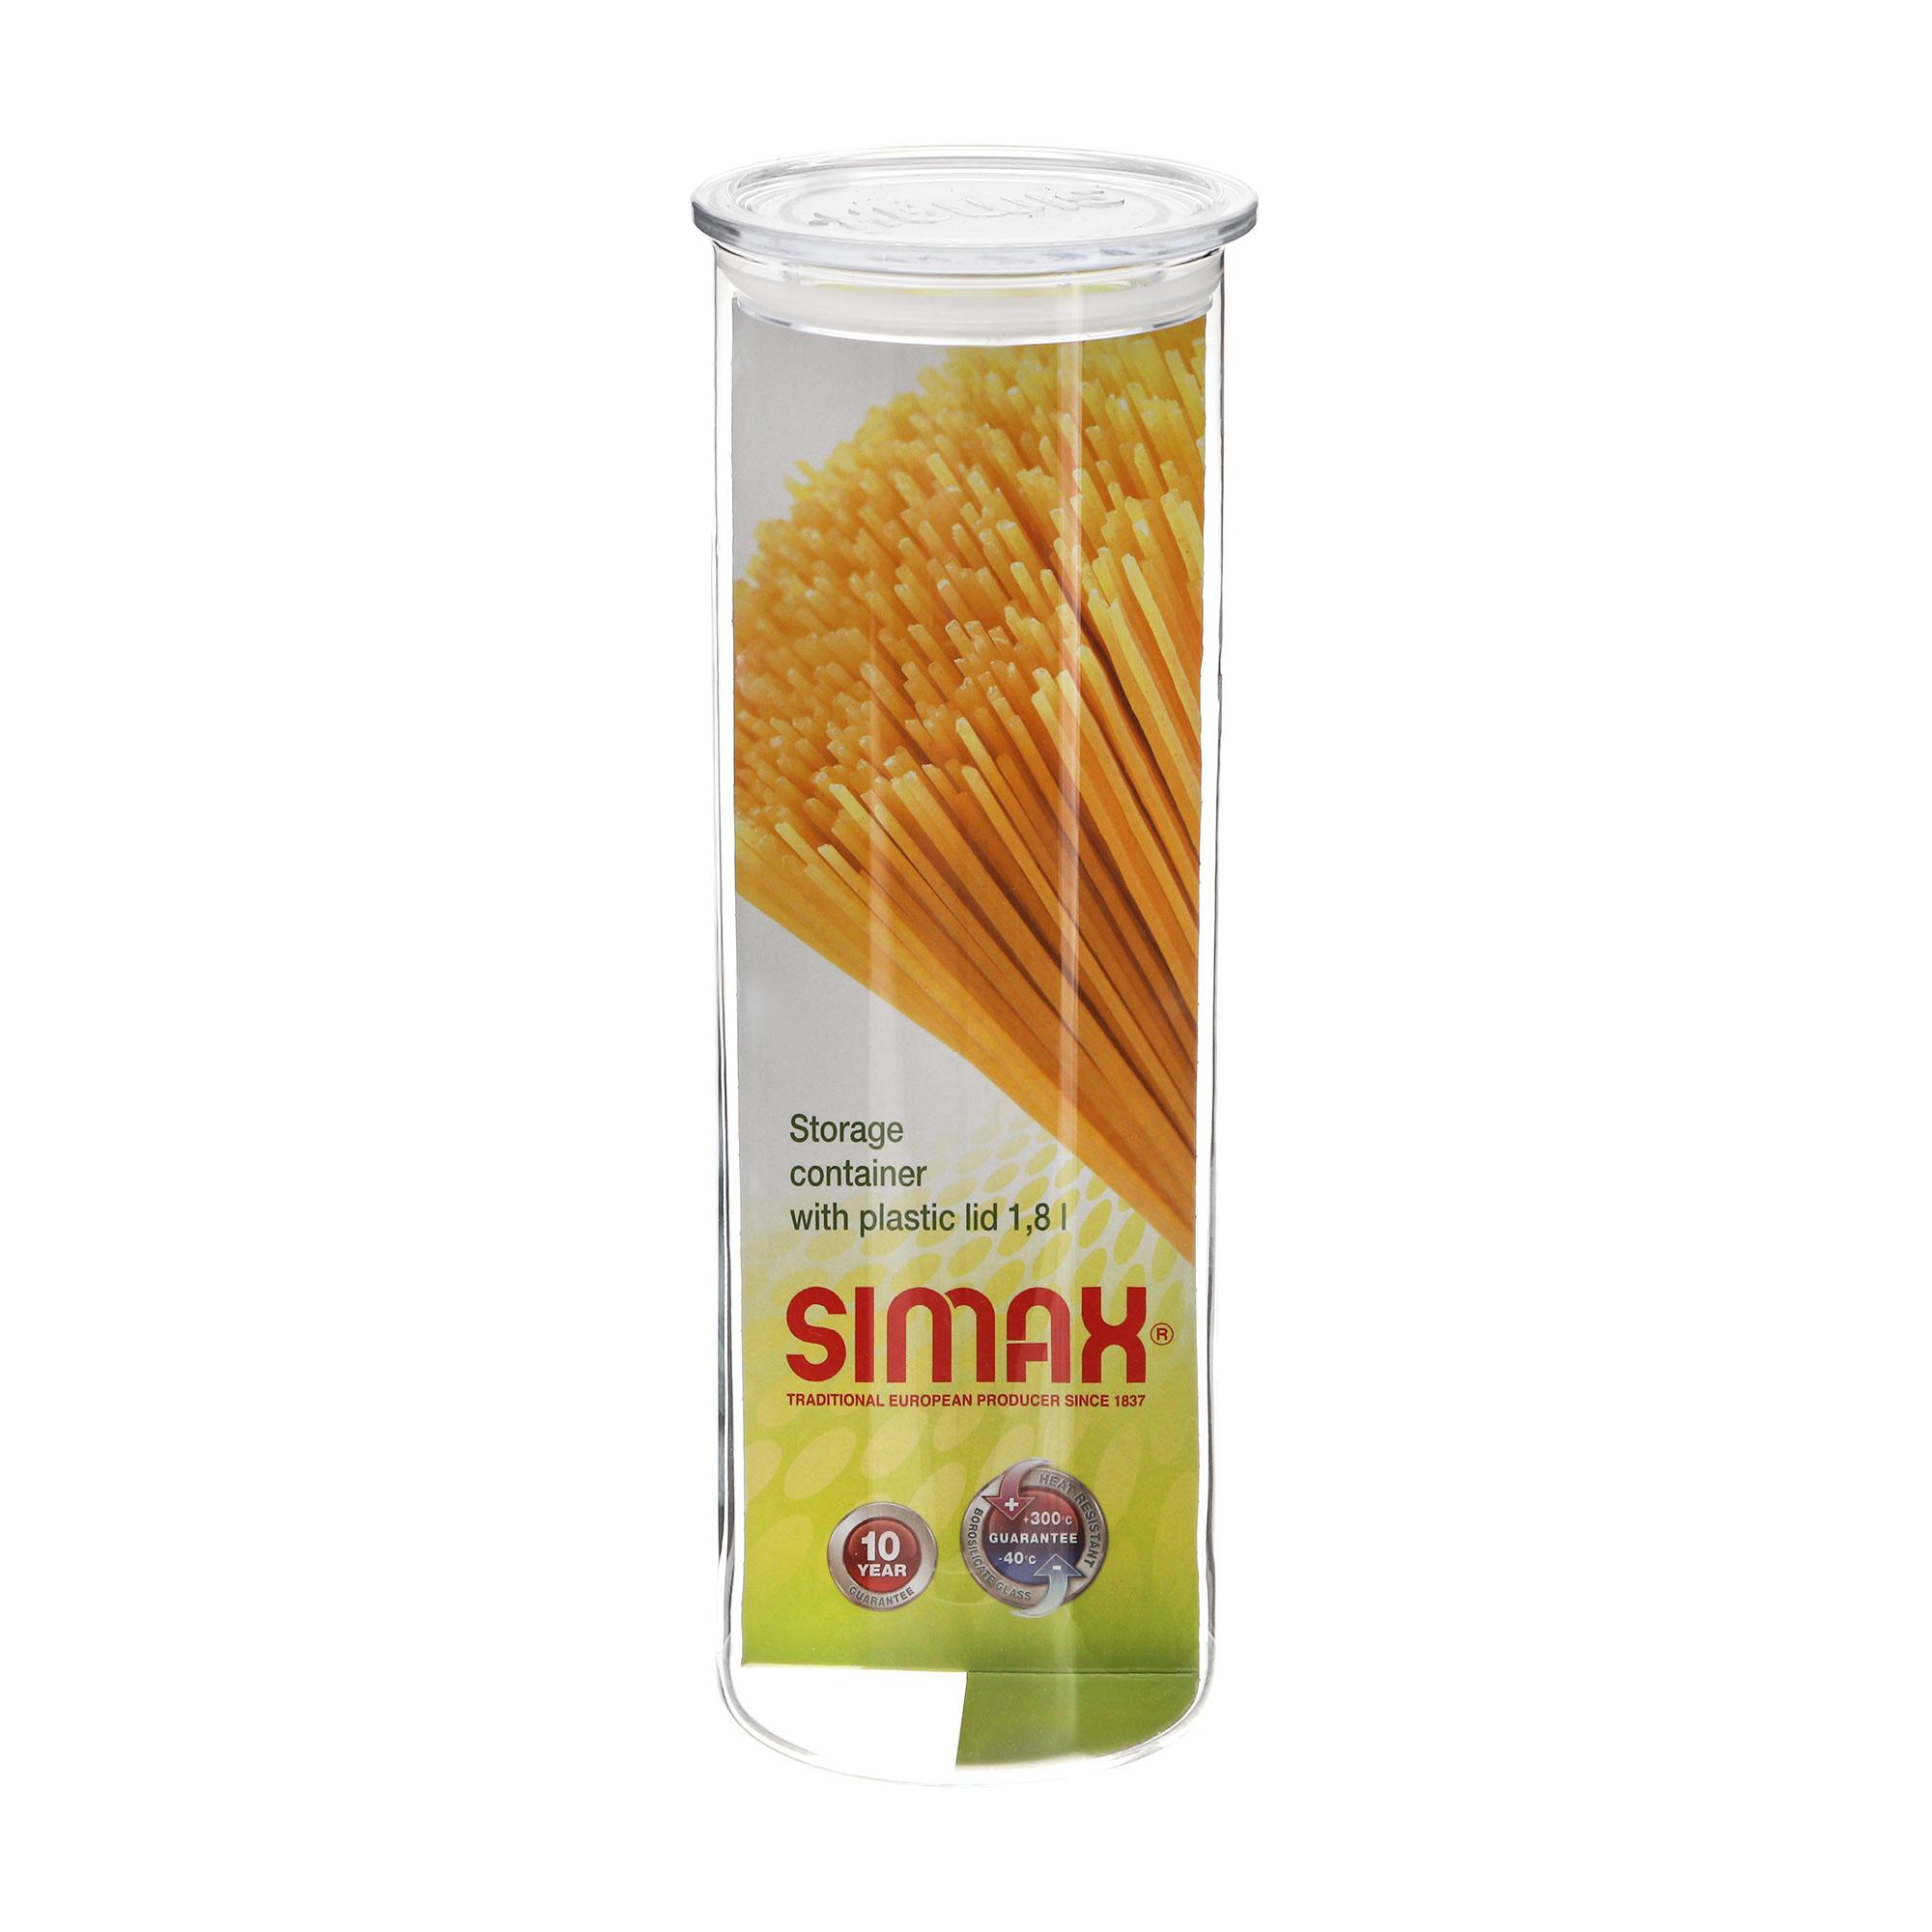 Фото - Банка для хранения Simax Classic 1,8 л банка для хранения wave 1 3 л стекло